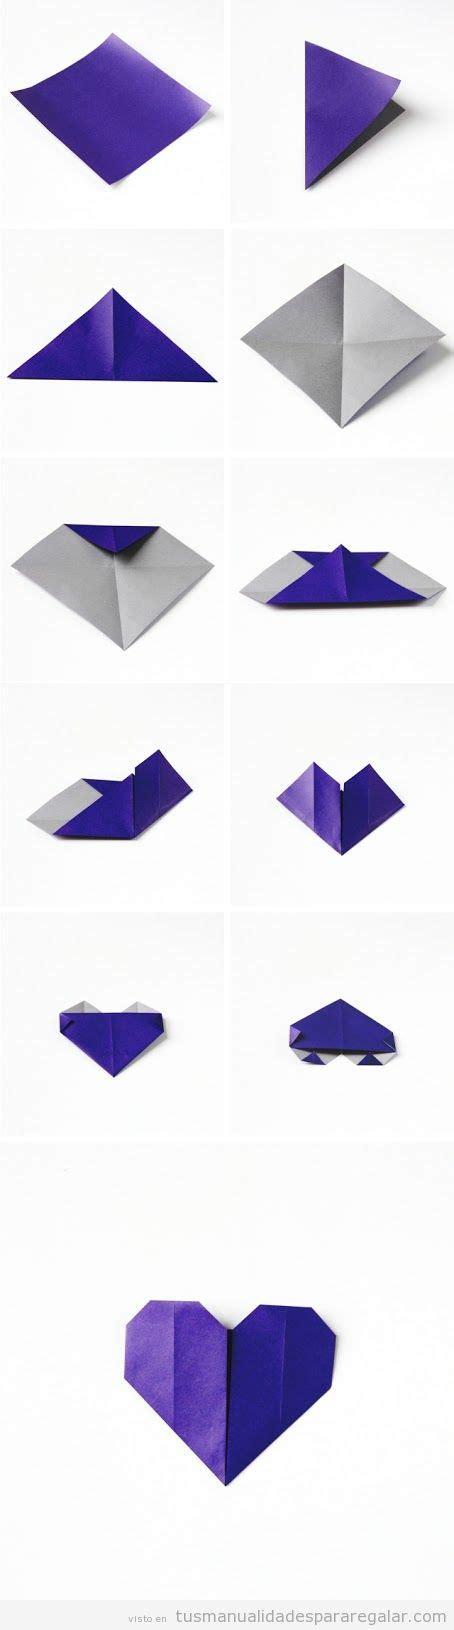 tutorial origami corazon origami archivos manualidades para regalarmanualidades